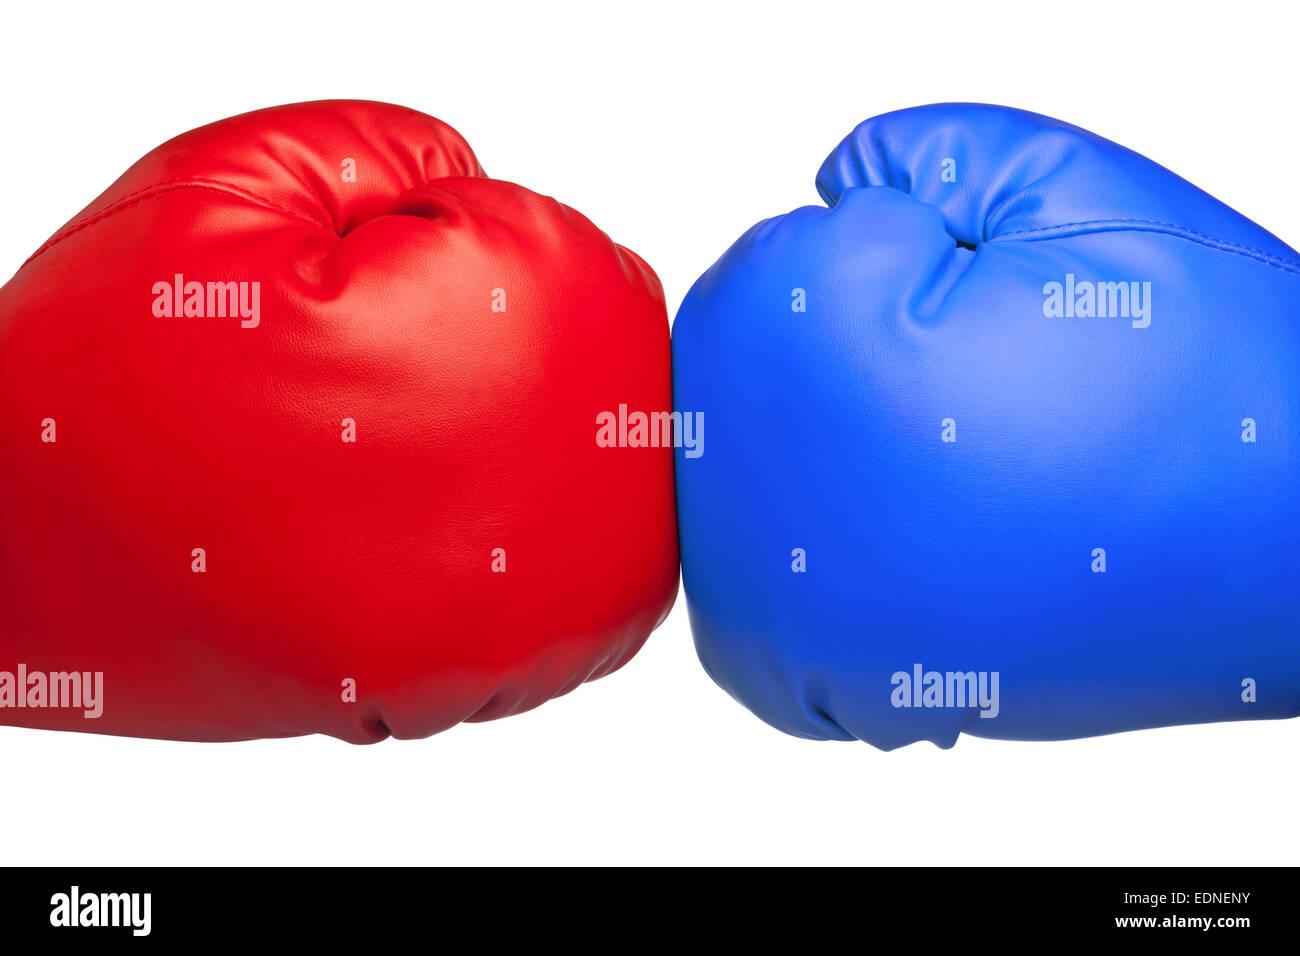 Cerca de rojo y azul Guantes boxeo golpeando aislado sobre fondo blanco. Imagen De Stock